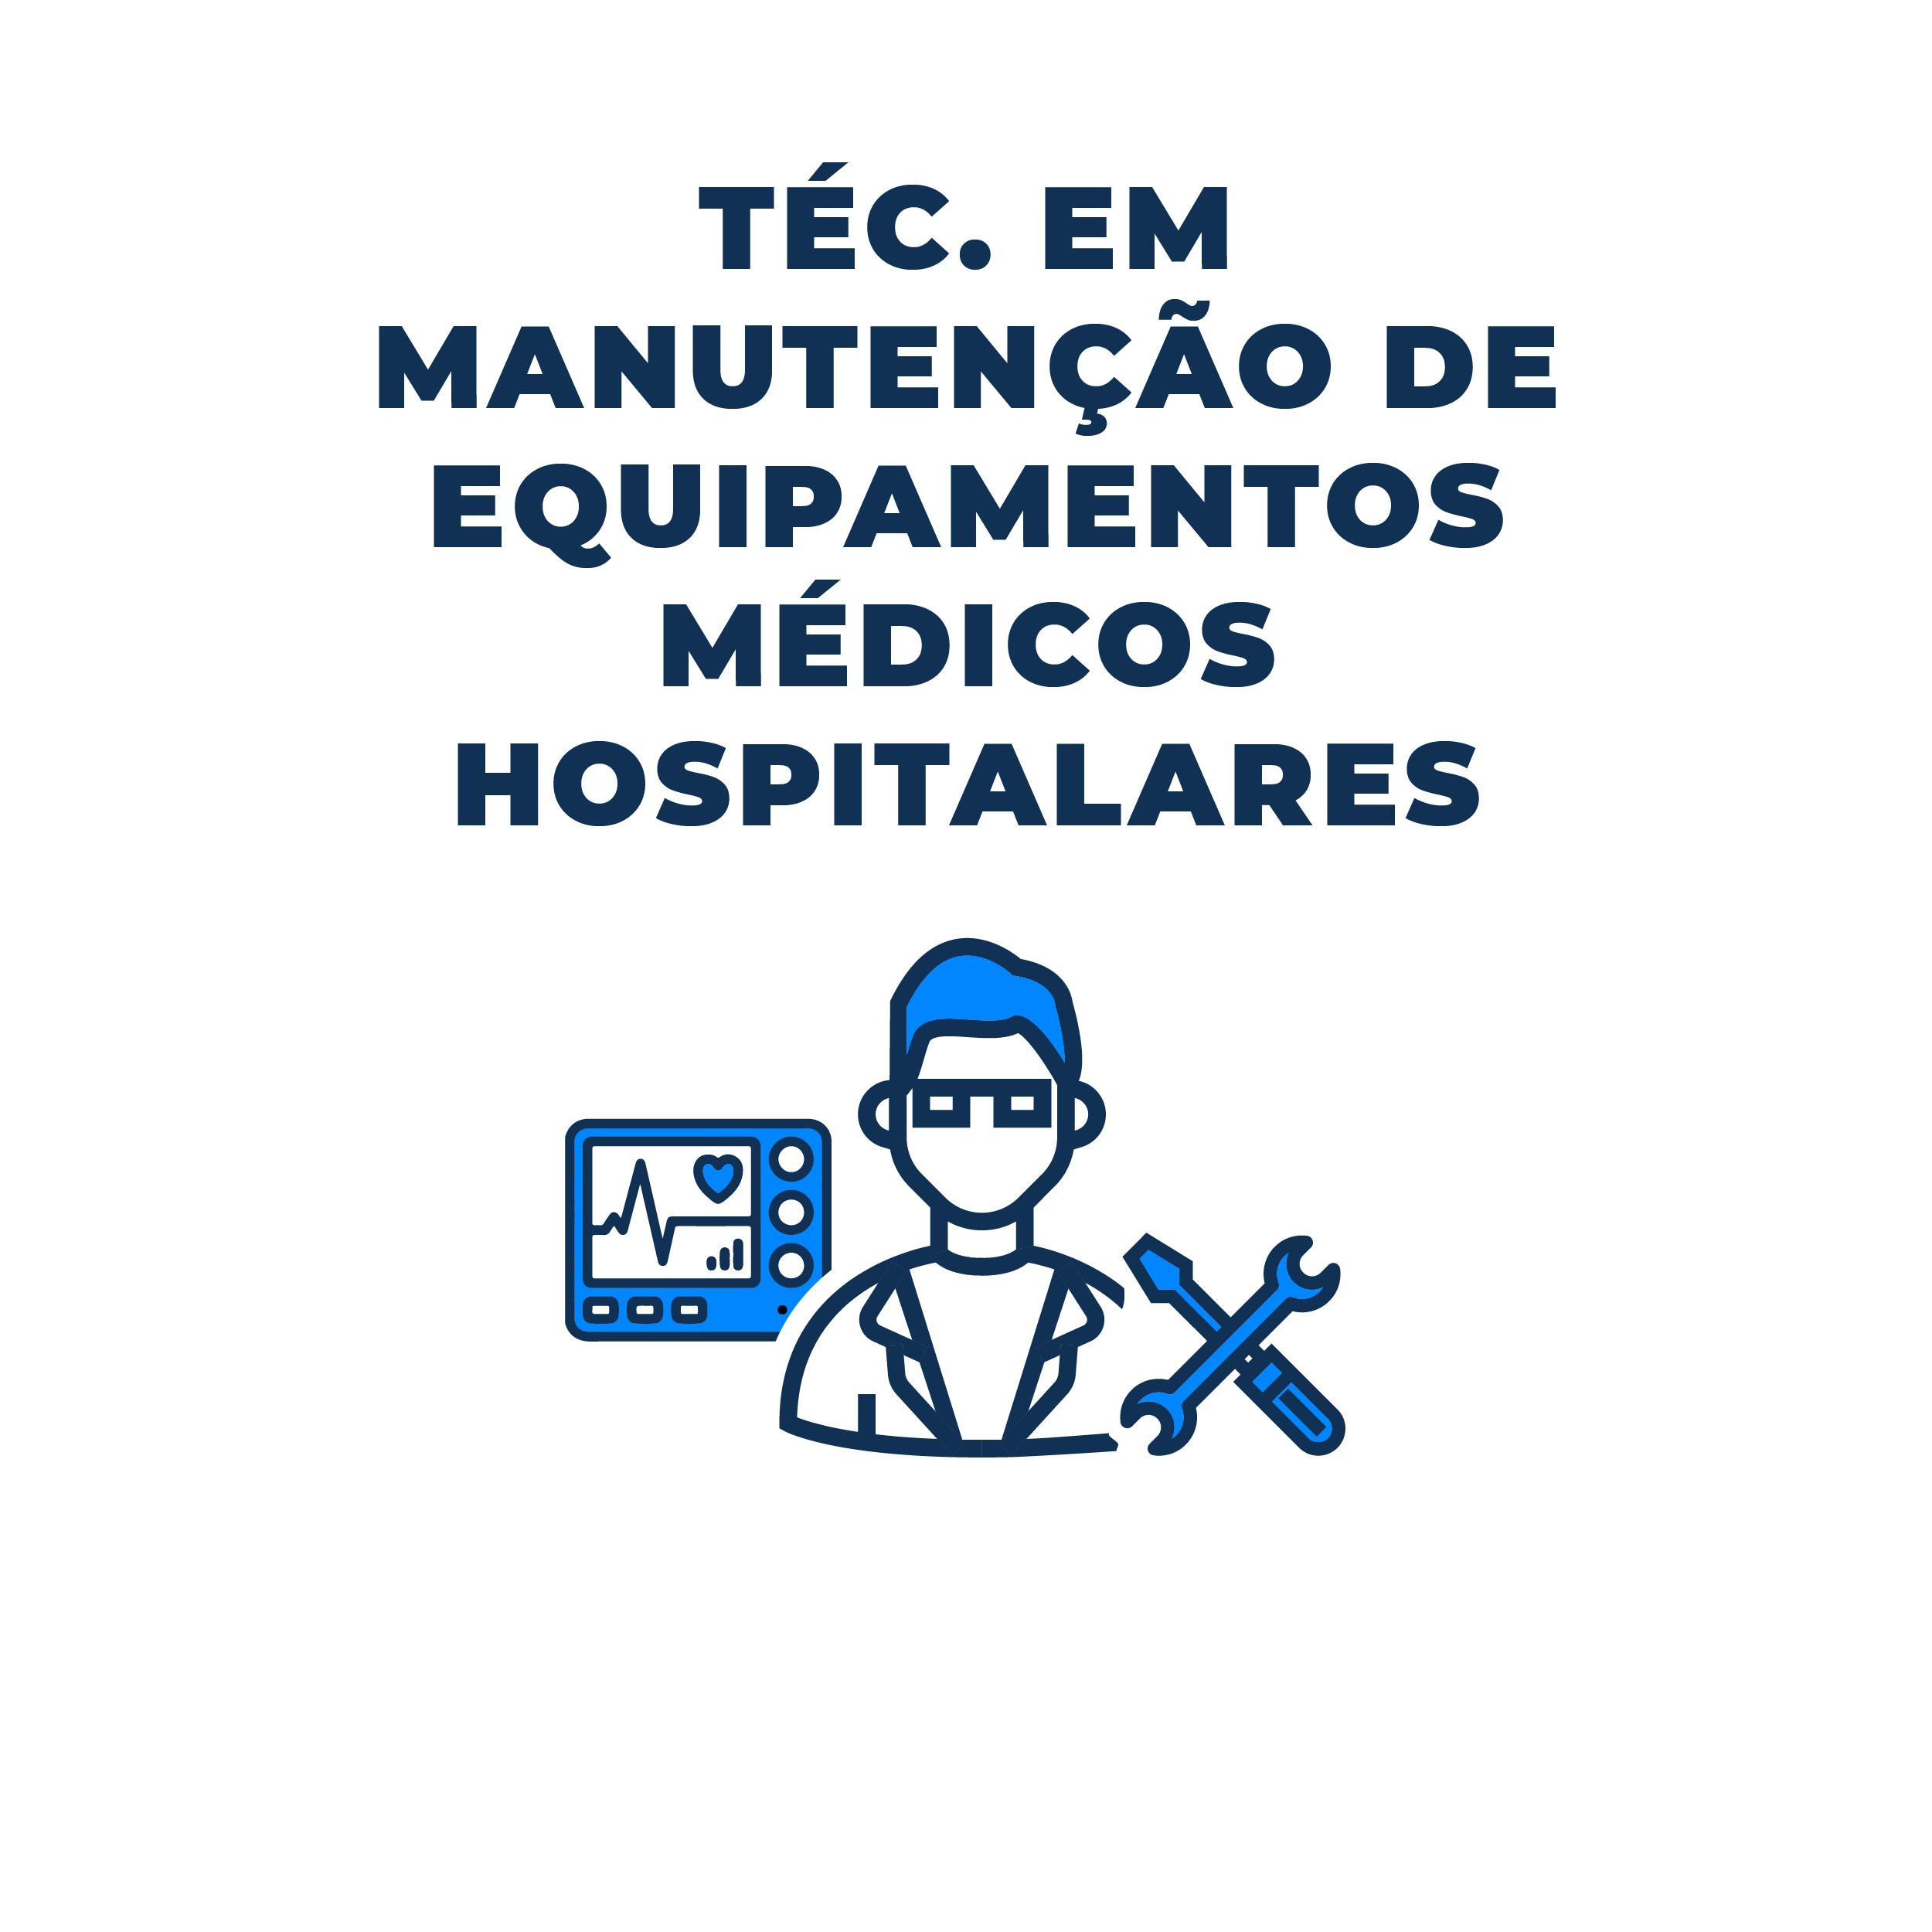 equipamento hospitlares